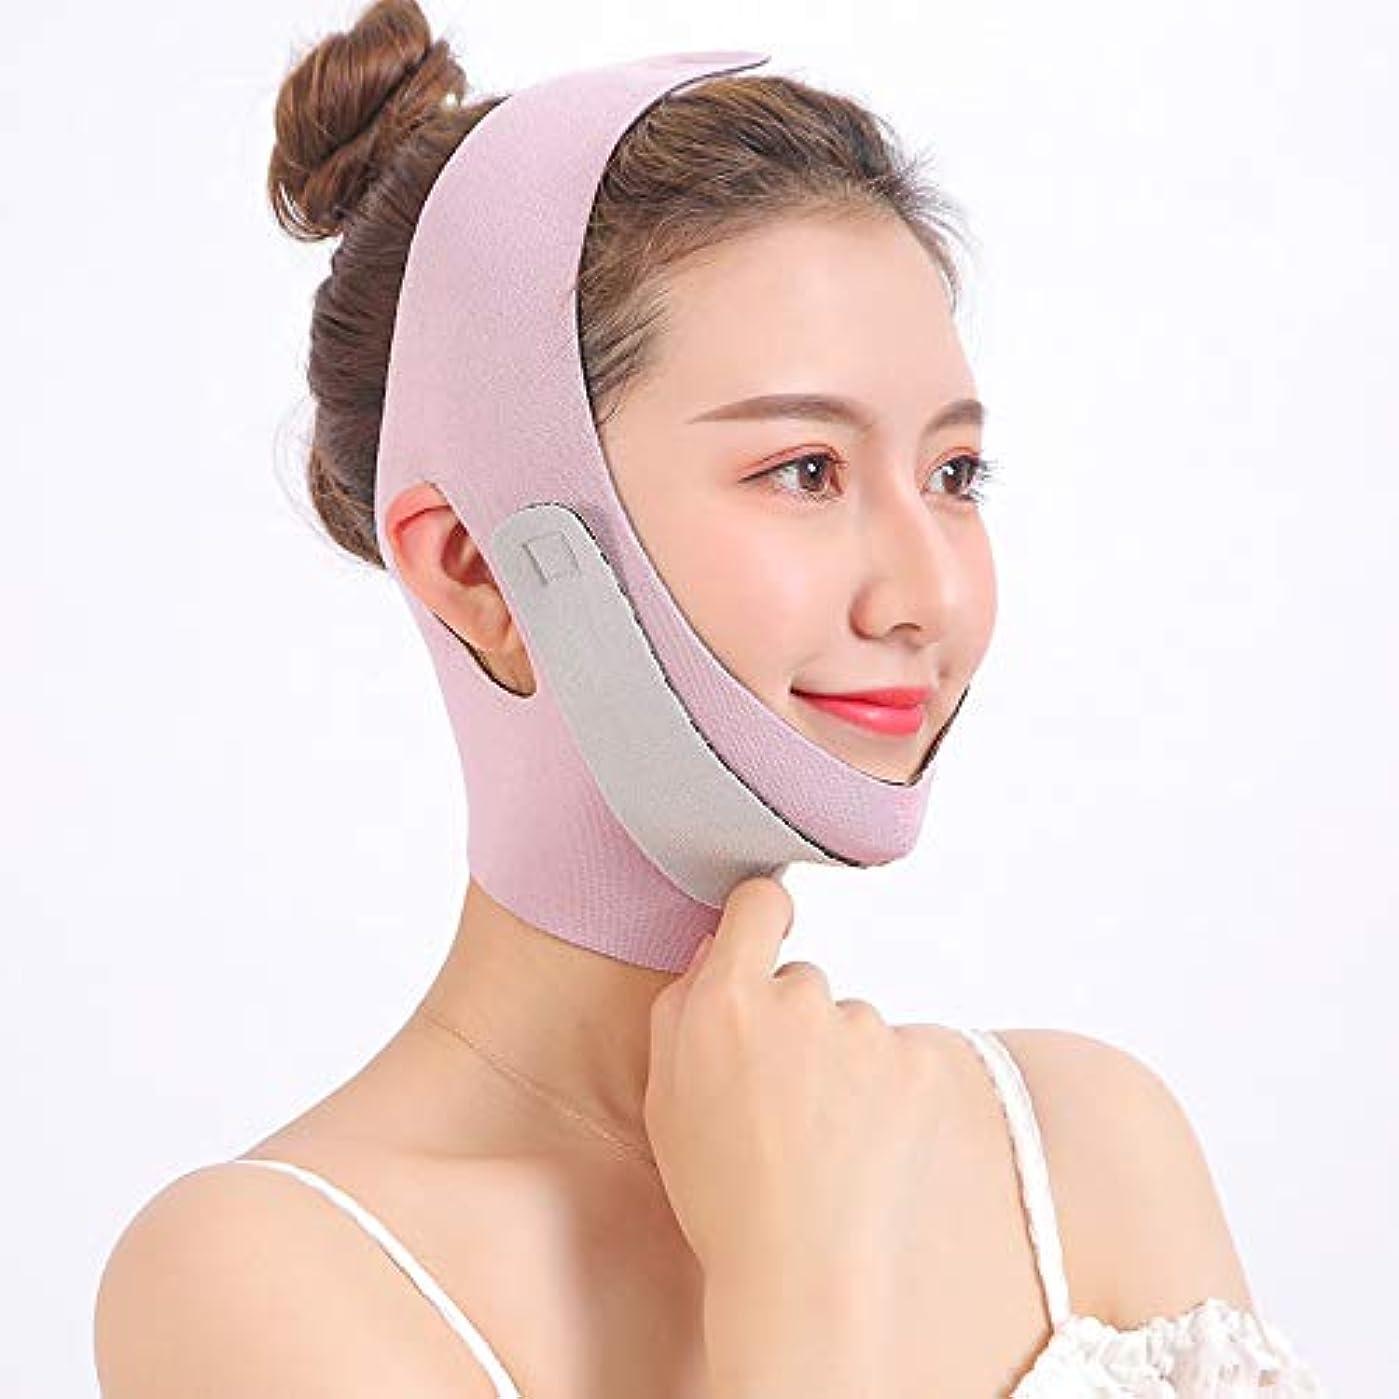 目指す苦しめる成功顔面重量損失顔包帯小さな v 顔薄いダブルあごリフトを引き締めアーティファクトシェーピングマスク睡眠フード薄い顔ベルト